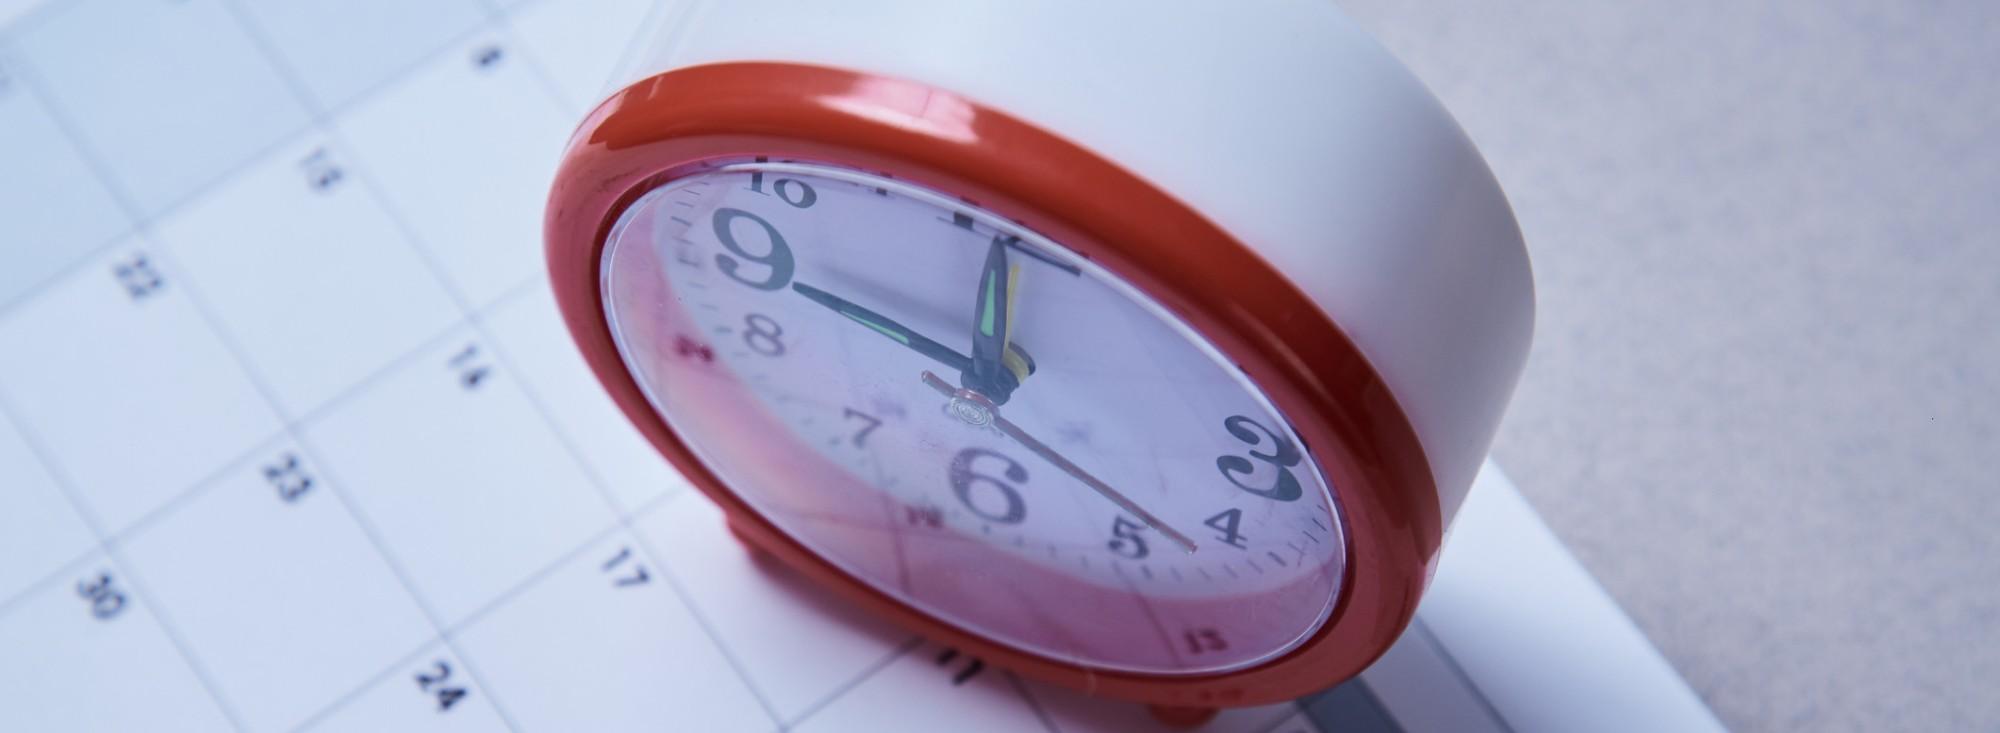 Gestão do tempo e produtividade: 5 dicas para mais eficiência na empresa